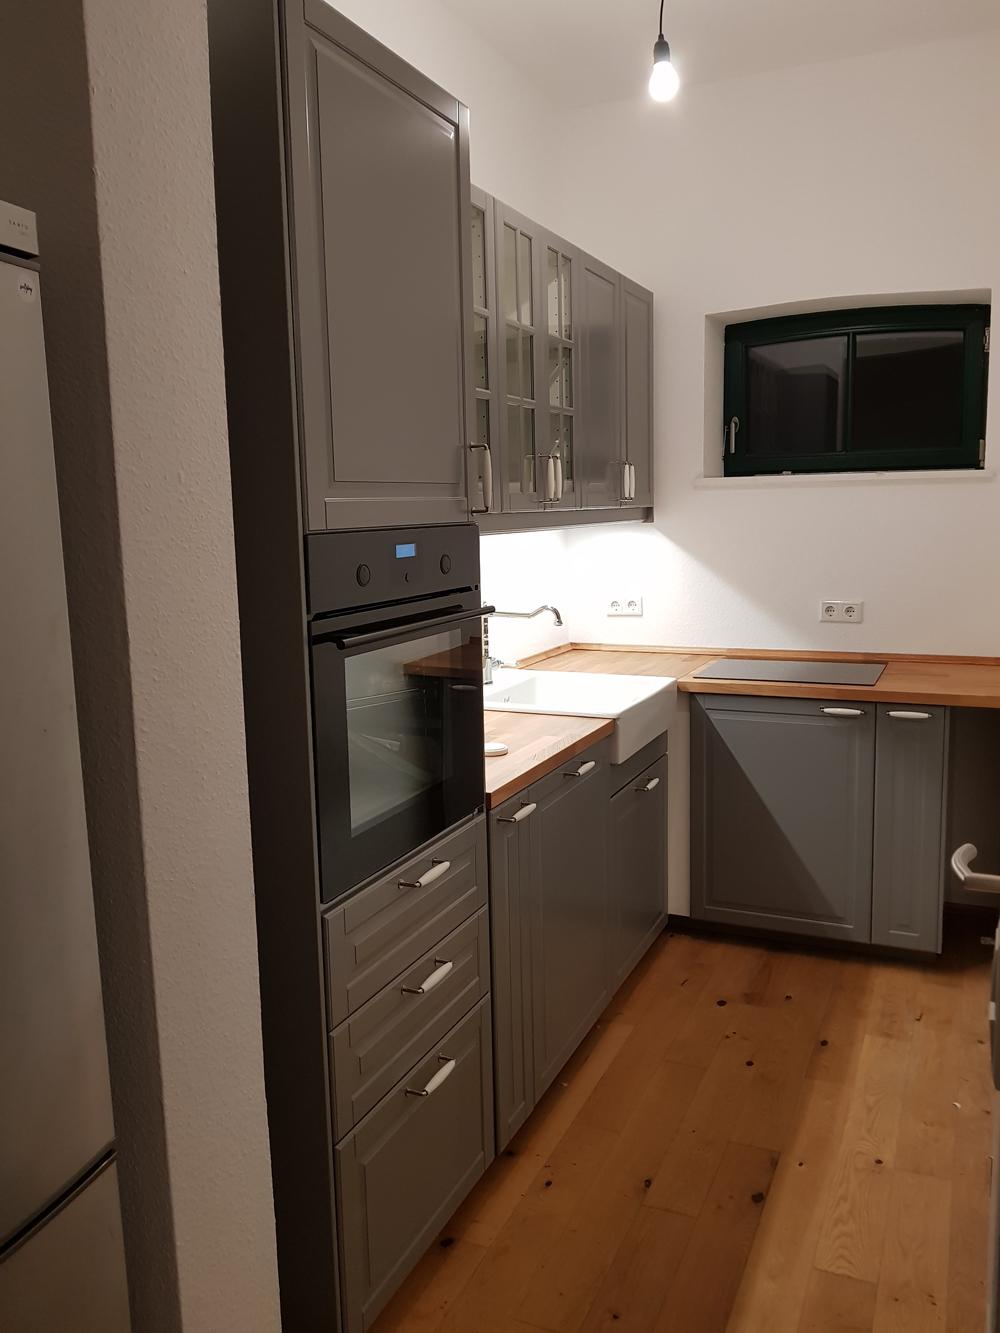 Full Size of Eckschrank Kche Mae Rondell Drehboden Kleiner Anthrazit Led Küche Bad Küchen Regal Schlafzimmer Wohnzimmer Küchen Eckschrank Rondell